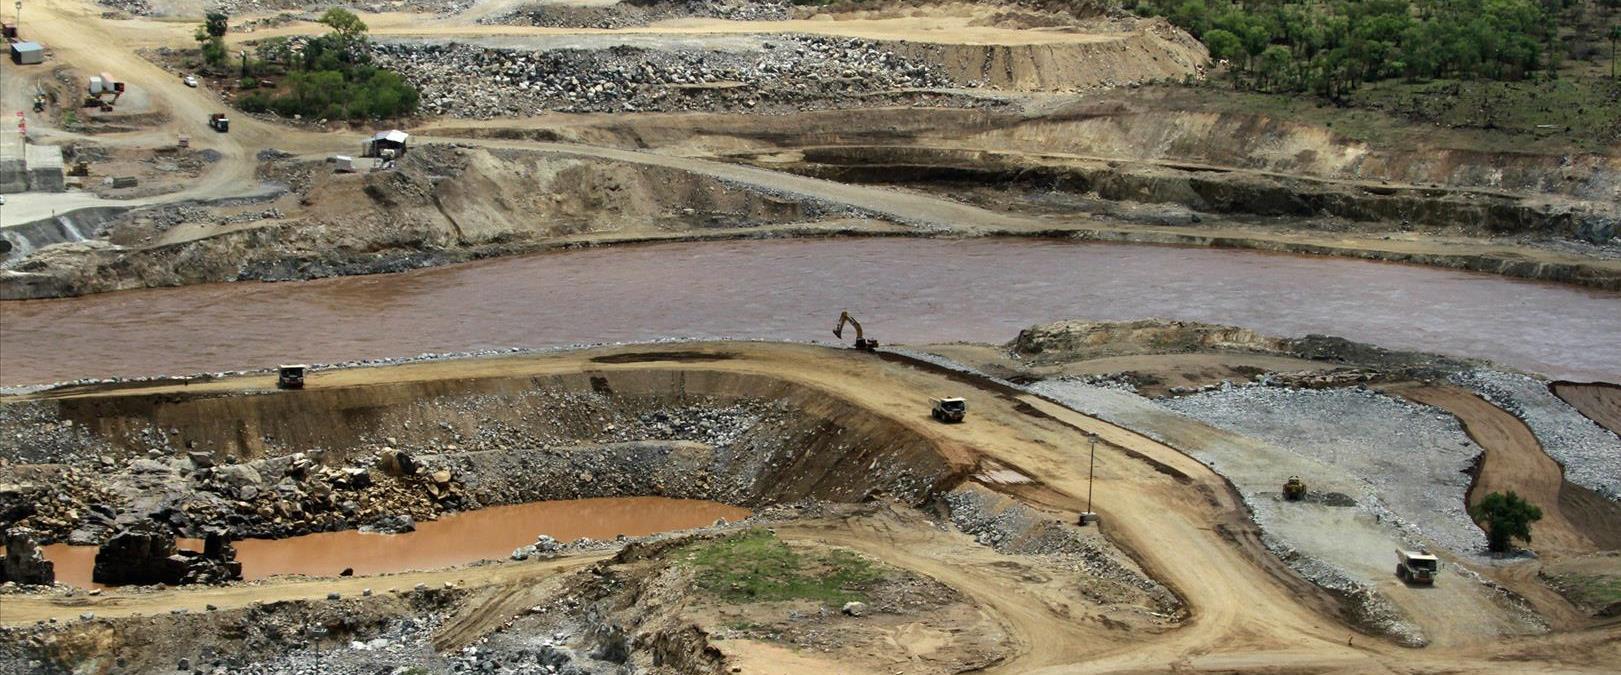 העבודות על הסכר, ארכיון